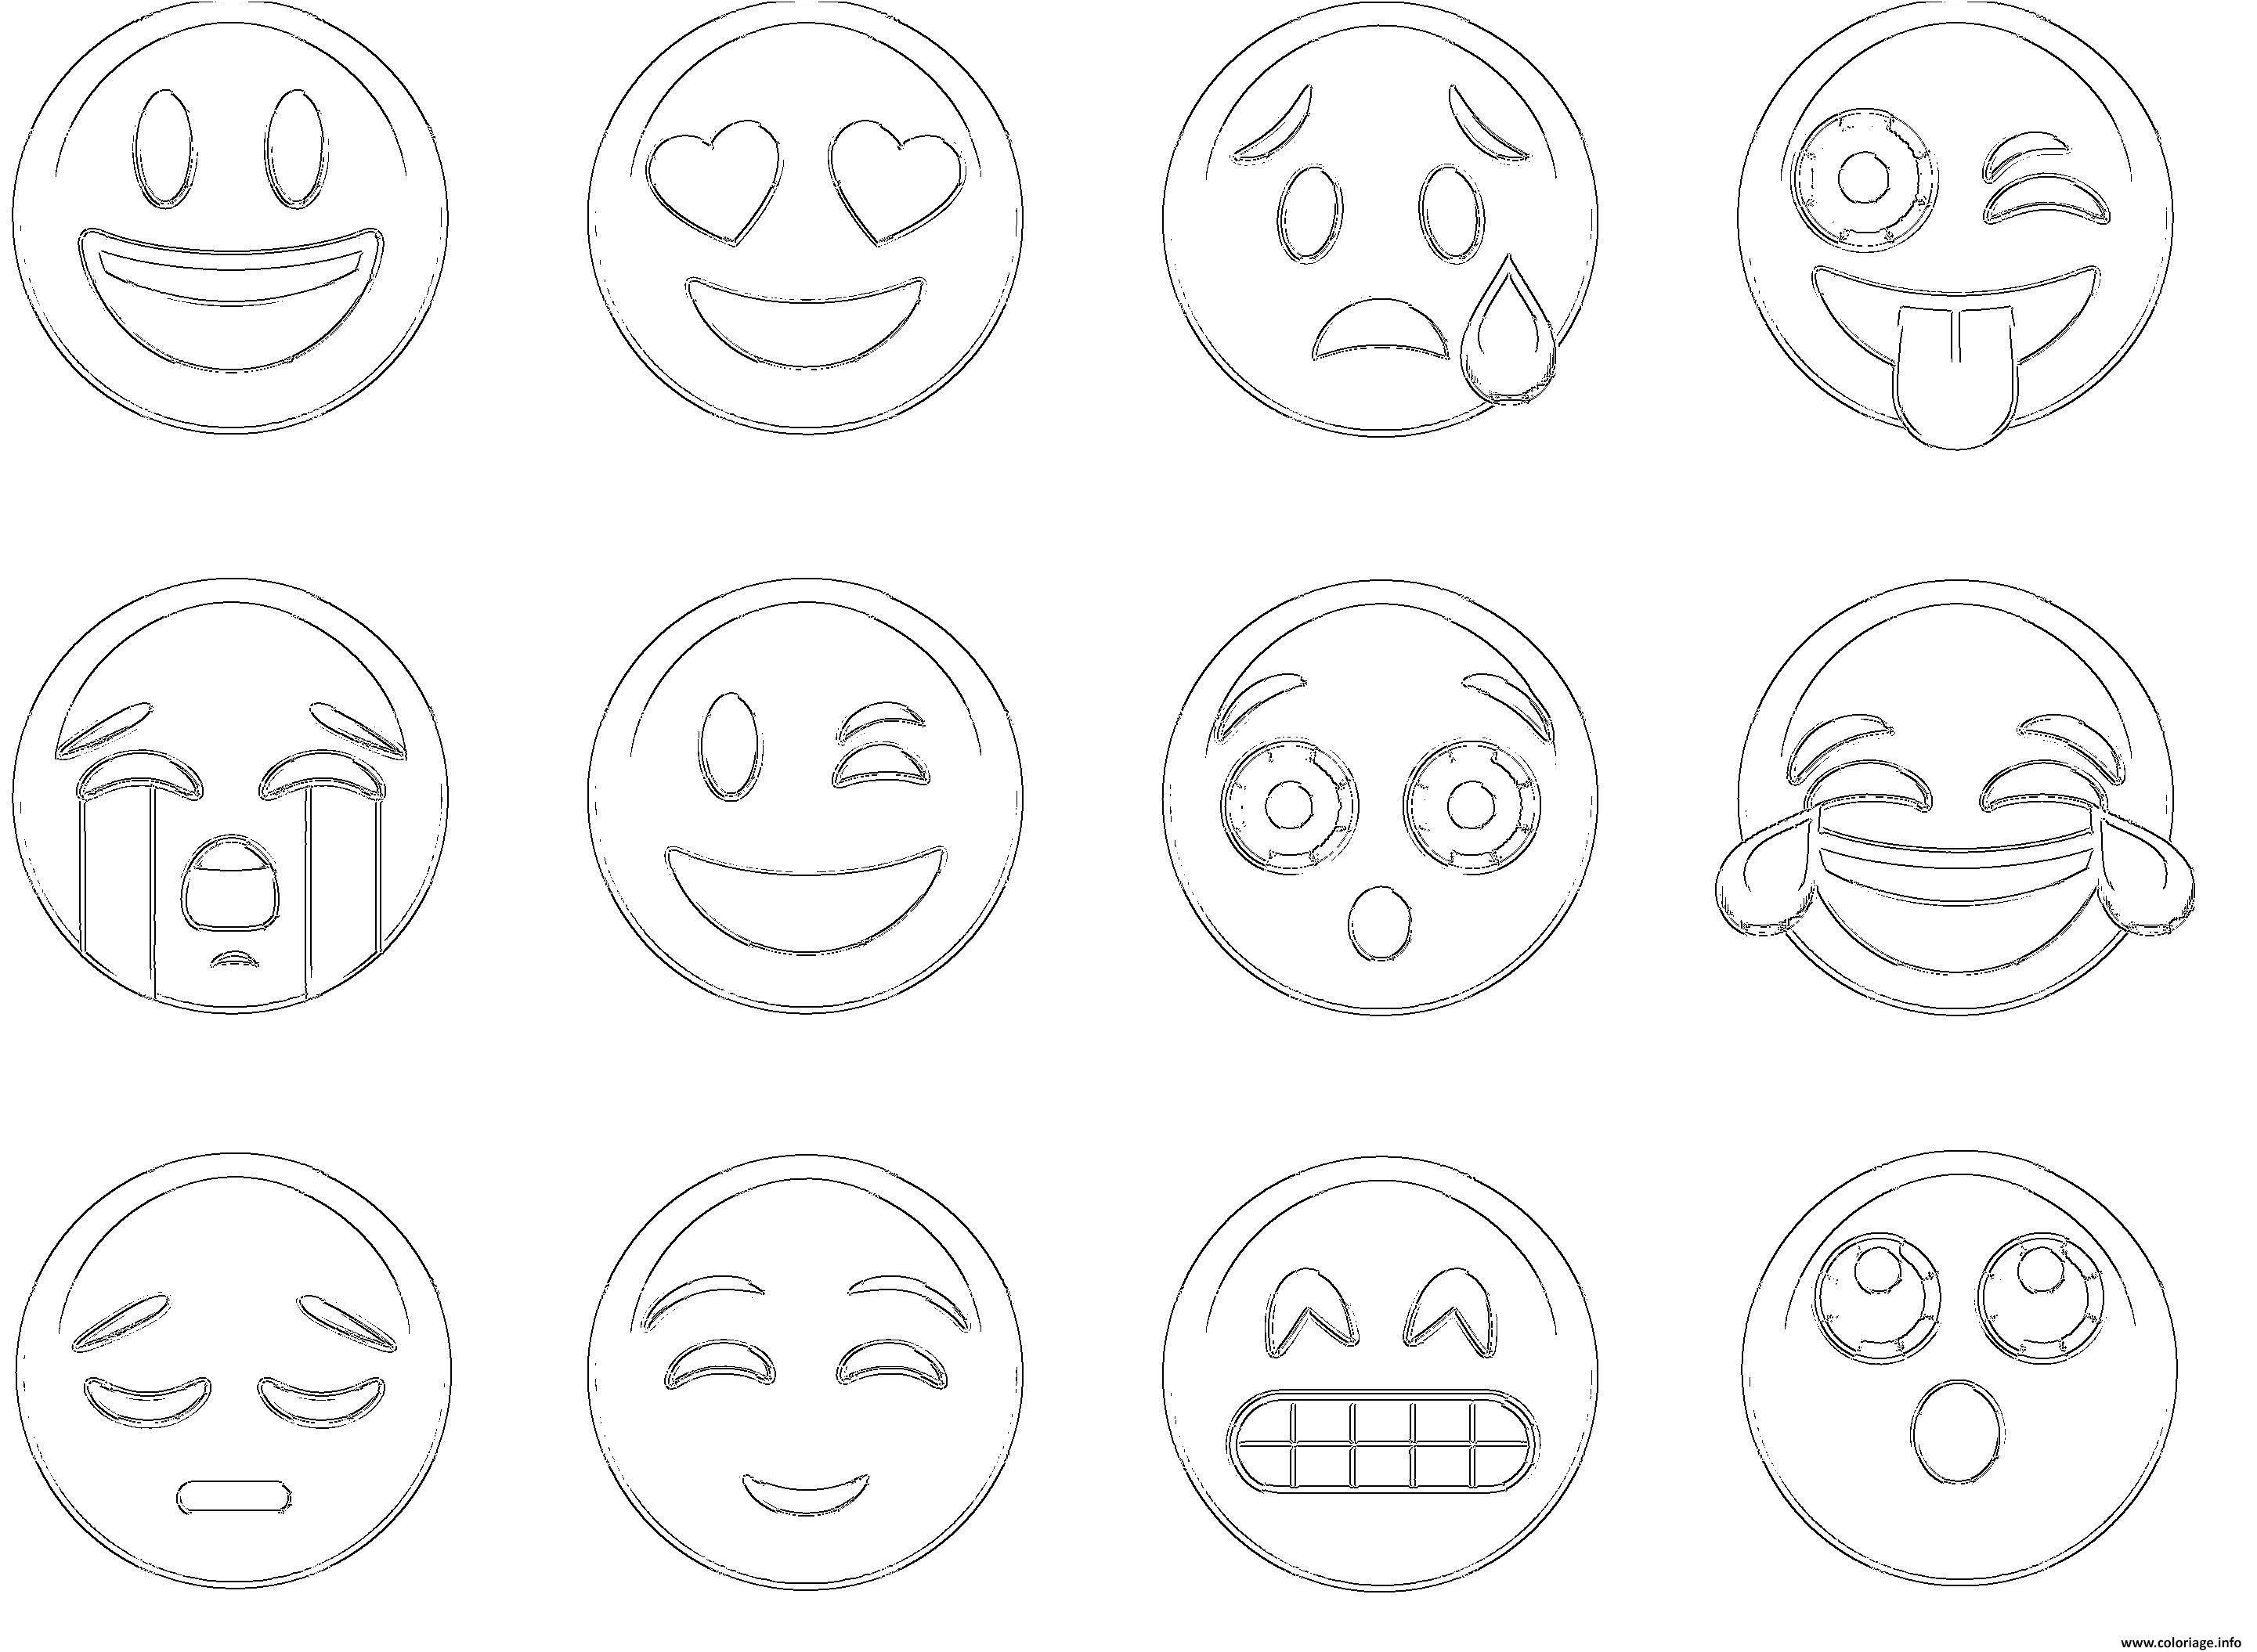 15 Le Meilleur Coloriage A Imprimer Emoji Photos Coloriage Emoji